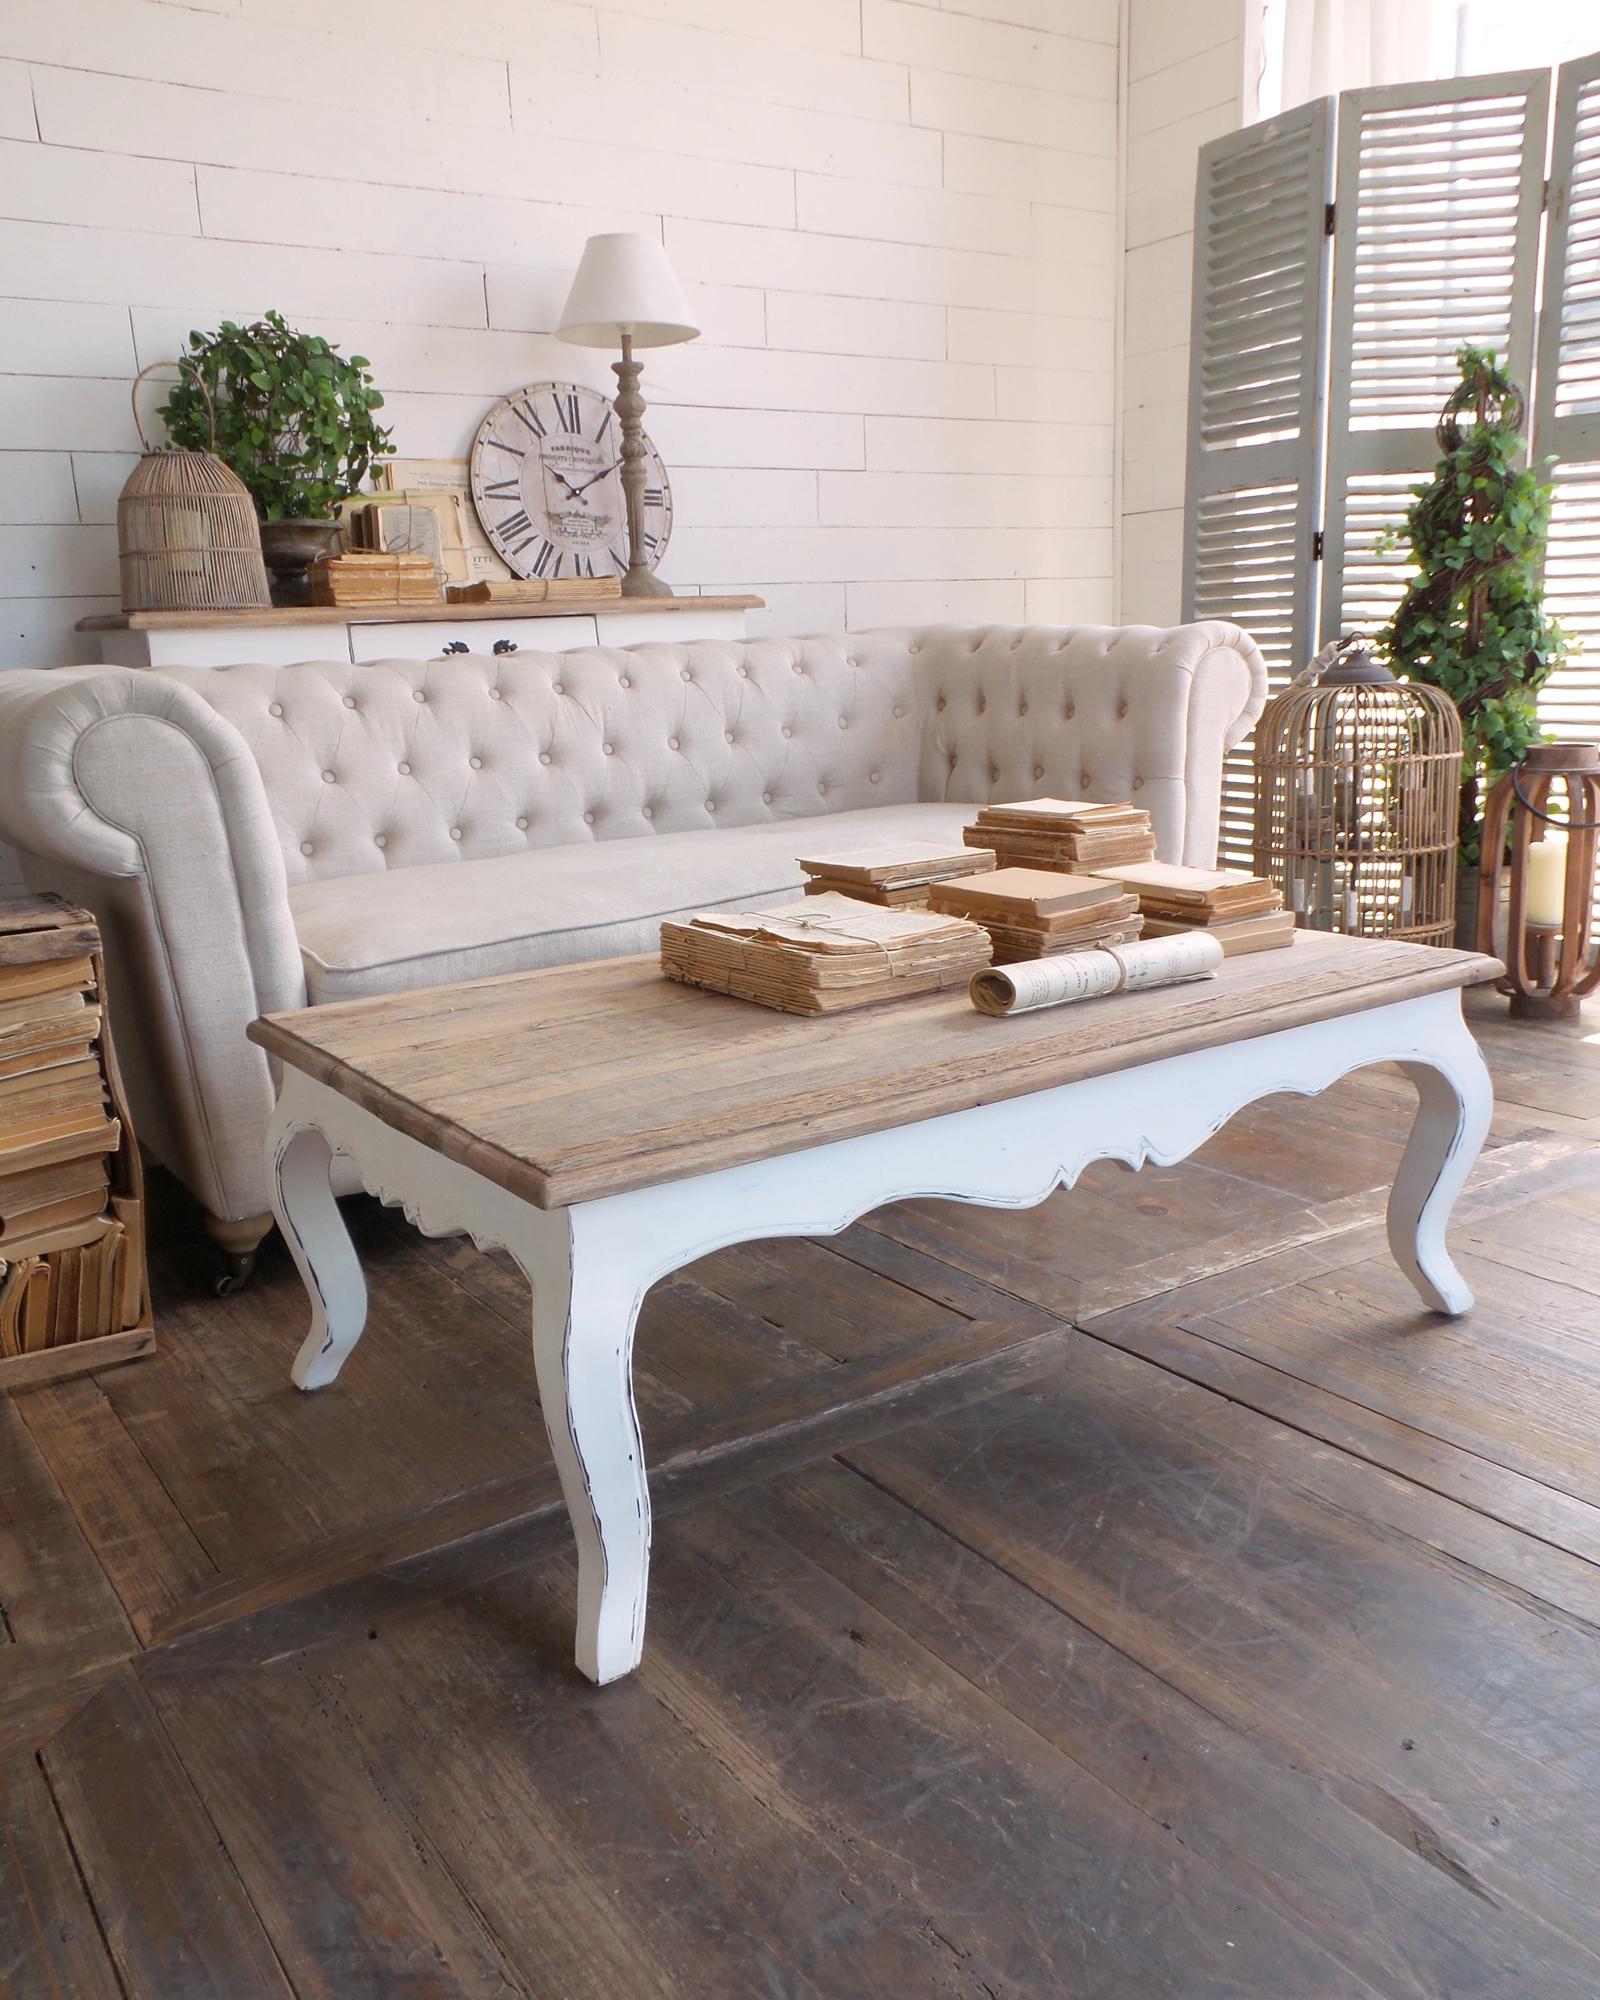 Tavolino da salotto vintage rettangolare dallo stile classico ed elegante - Mobili da salotto vintage ...